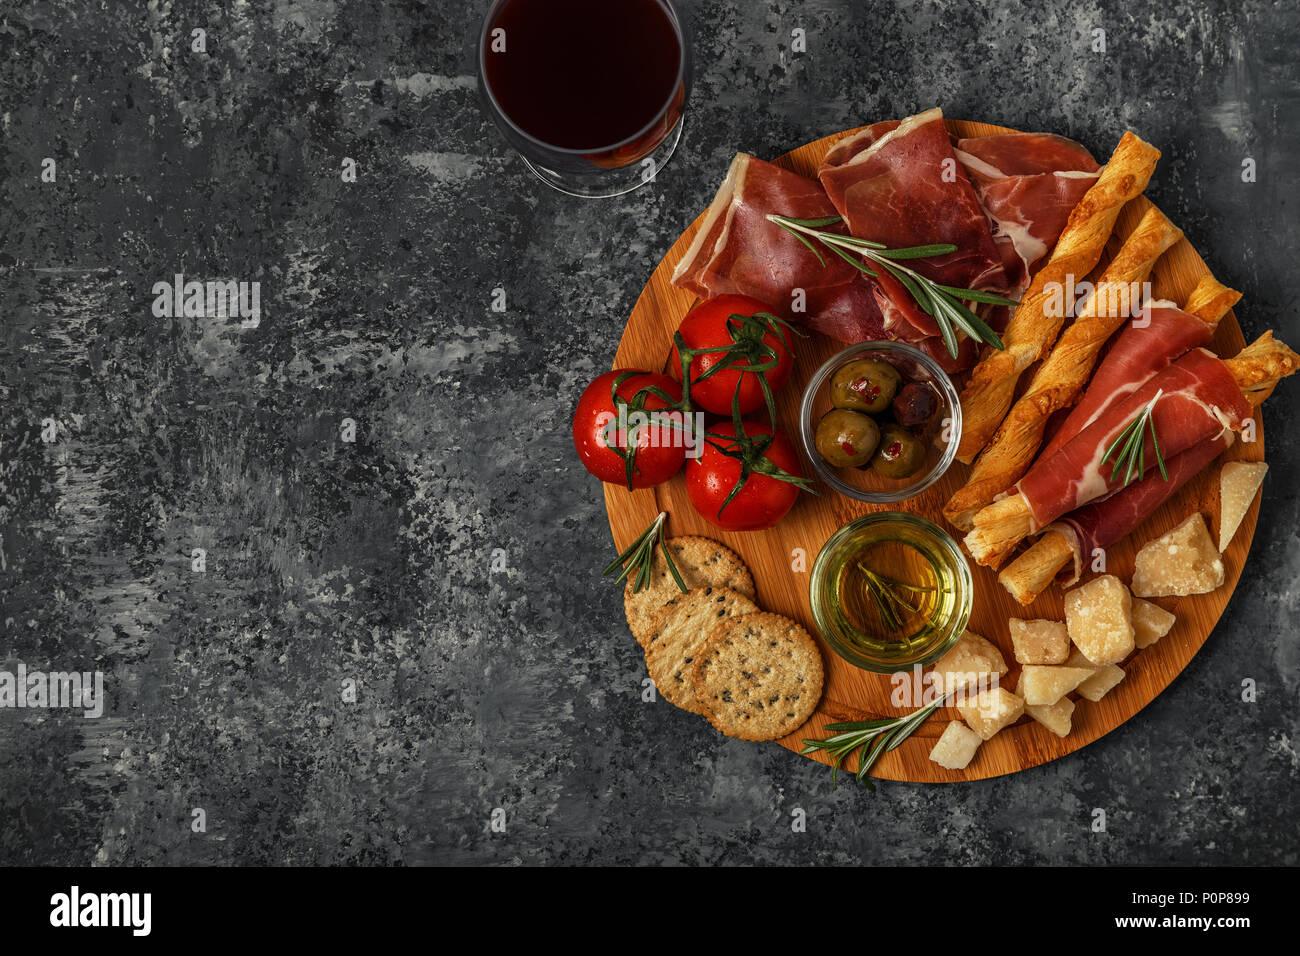 Fleisch und Käse Vorspeise Auswahl. Schinken, Parmesan, Brot, Oliven, Tomaten auf Holzbrett, Ansicht von oben. Stockbild